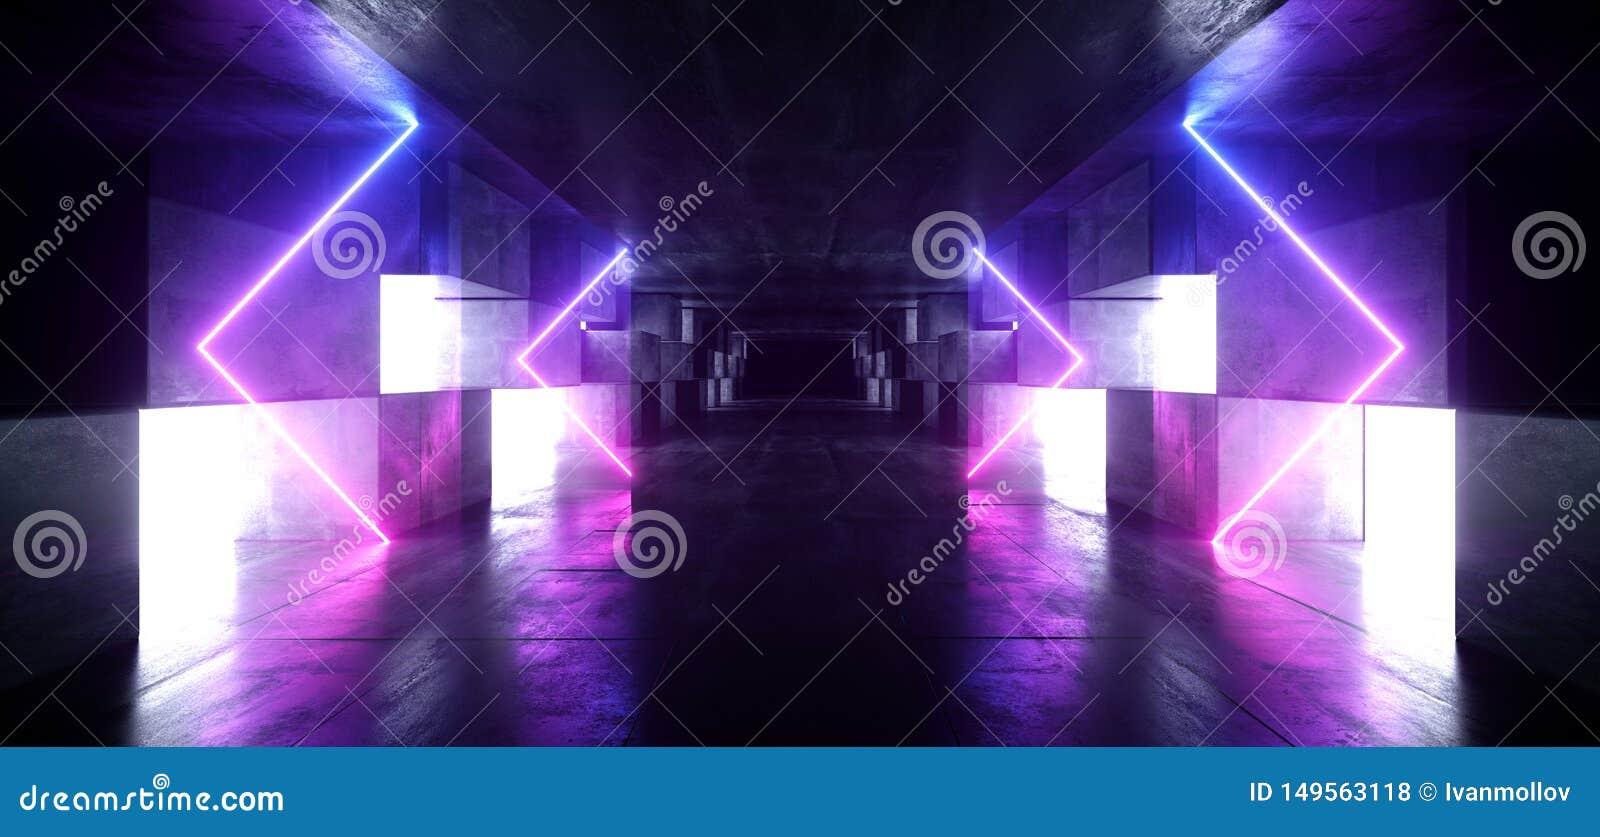 霓虹灯箭头图表发光的紫色蓝色充满活力的真正科学幻想小说未来派隧道演播室阶段建筑车库指挥台